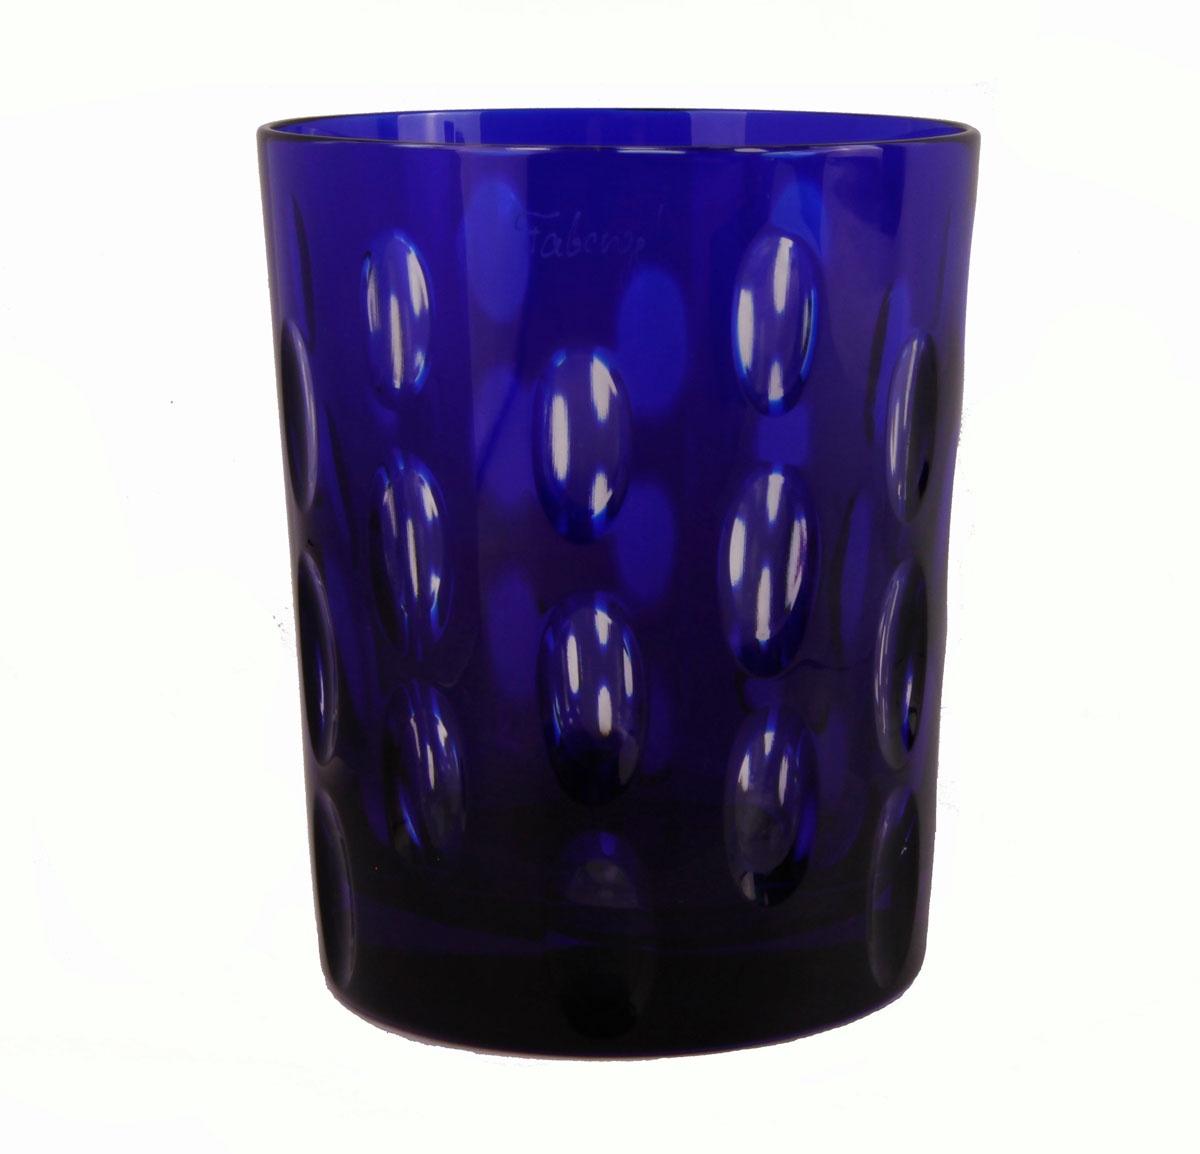 Подсвечник Фаберже ОС33637, синий ювелирные изделия фаберже фото